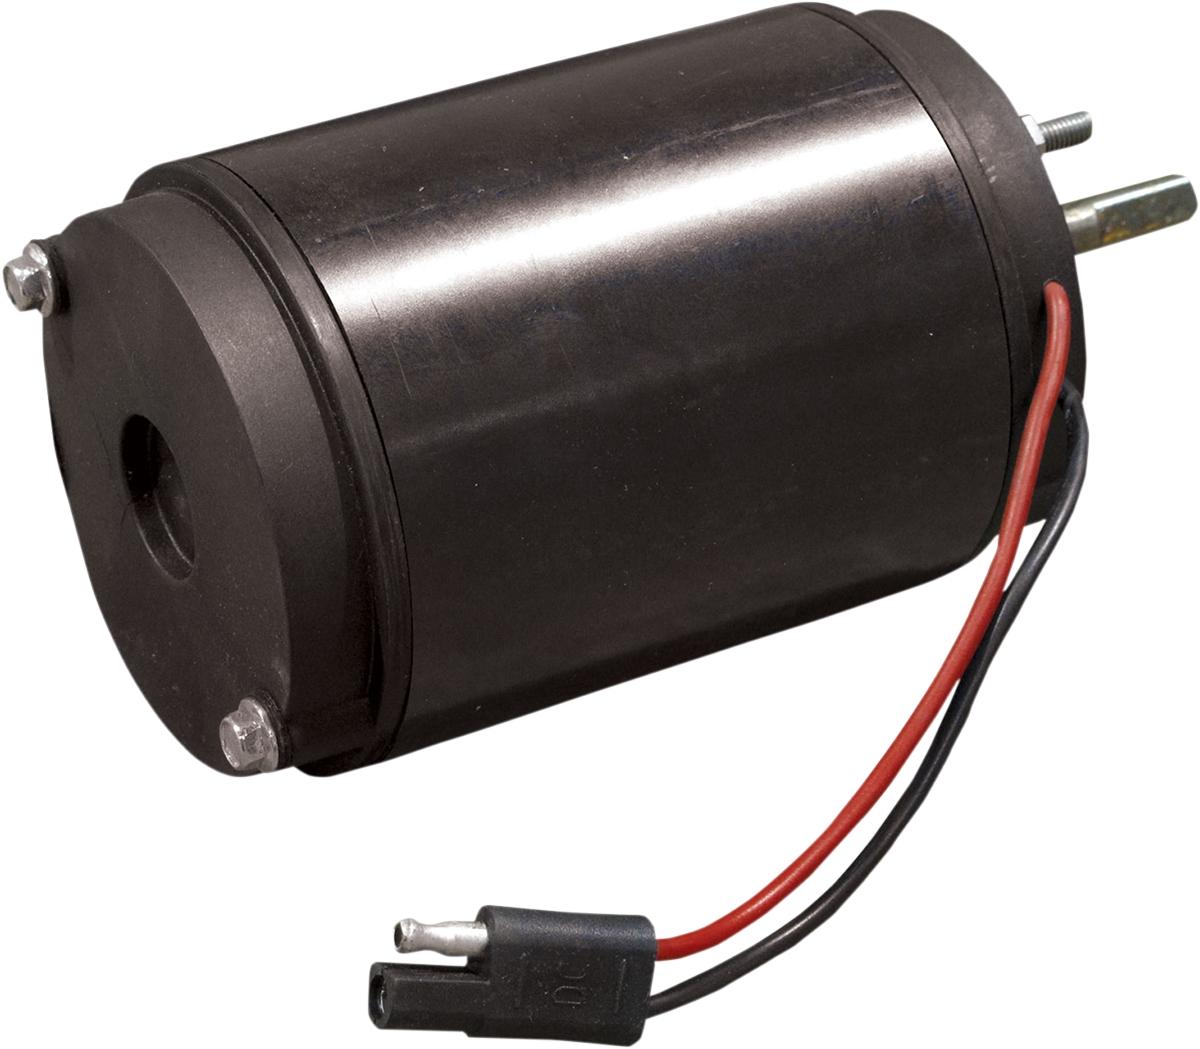 Moose Atv Spreader 12 Volt Variable Speed Motor